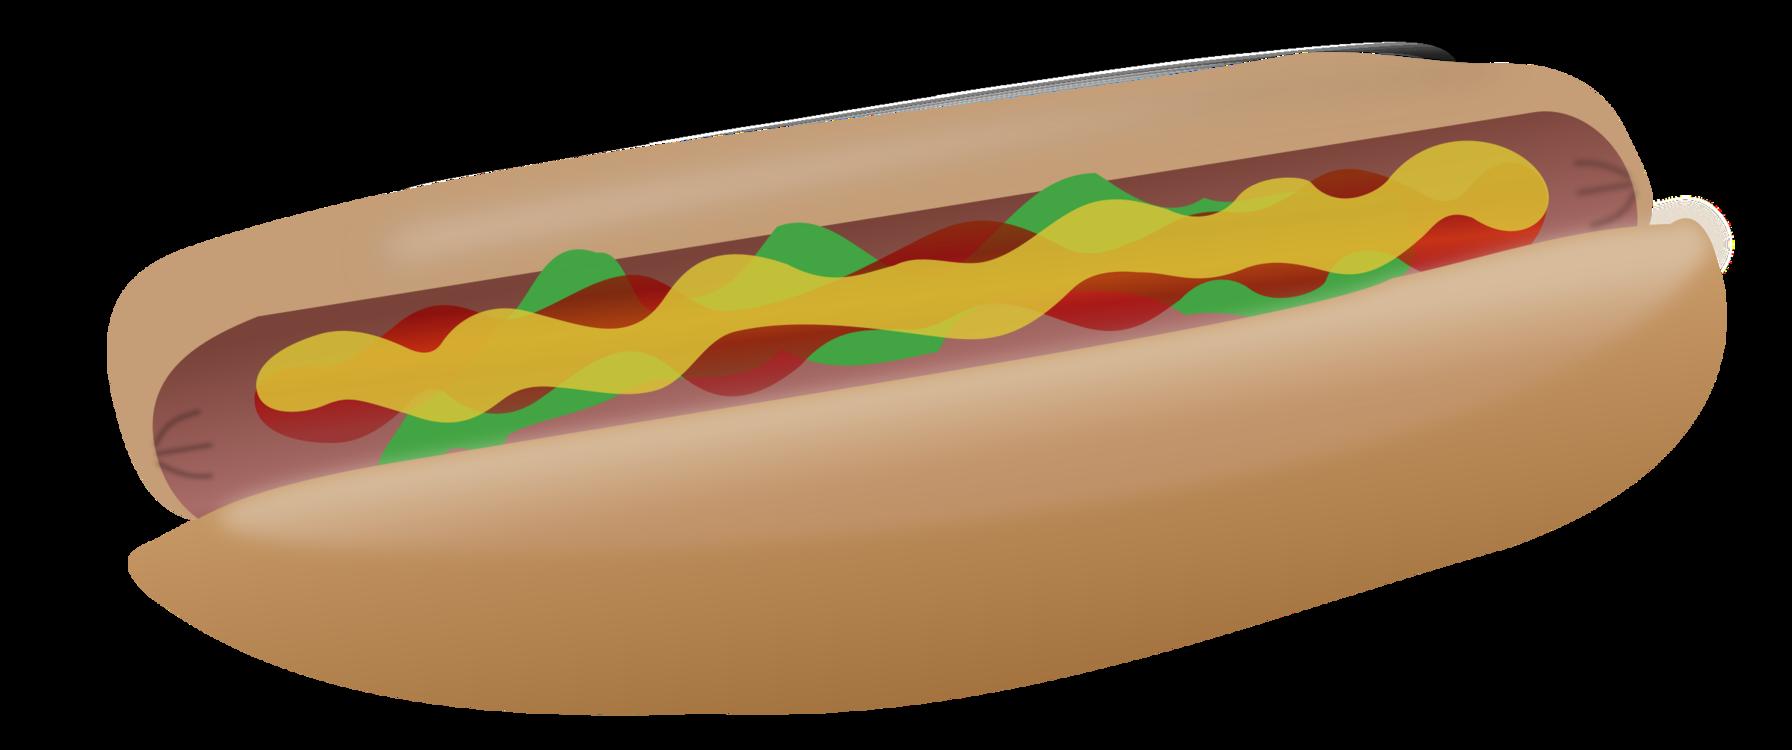 Table,Hot Dog,Hamburger